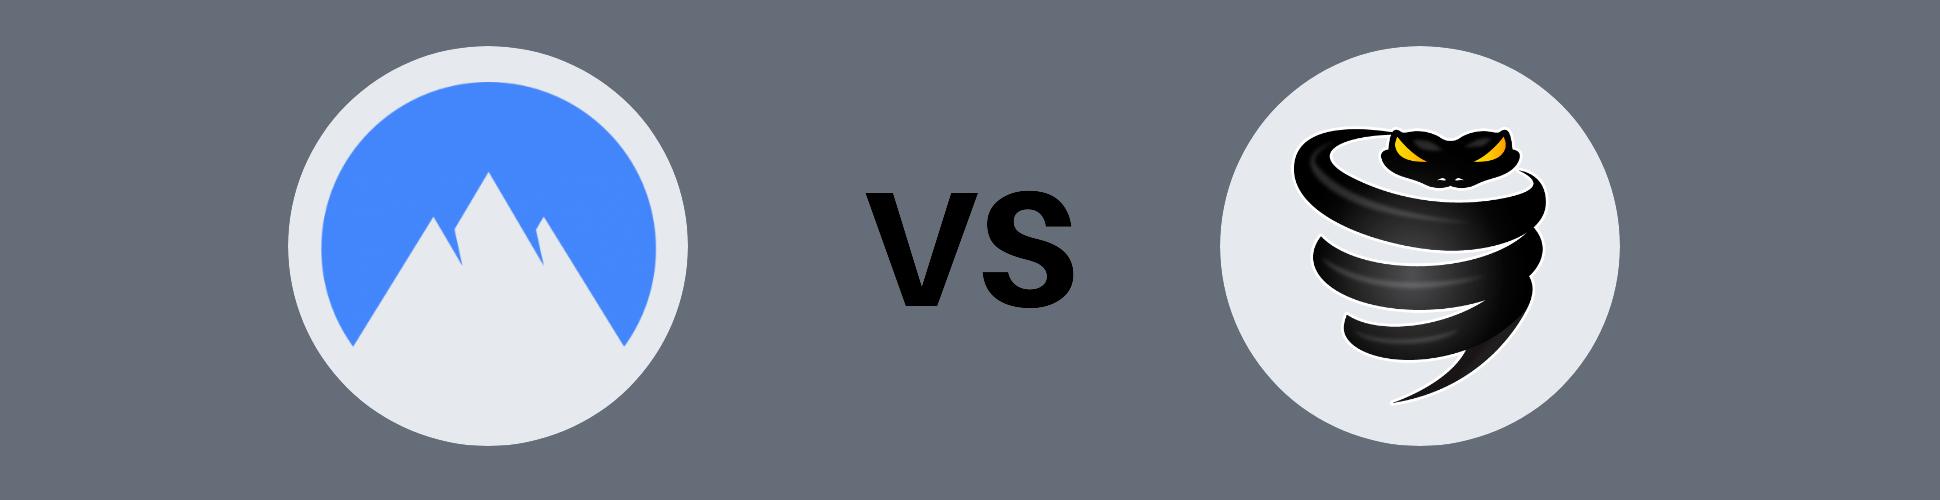 NordVPN vs. VyprVPN Comparison & Test Results 2021